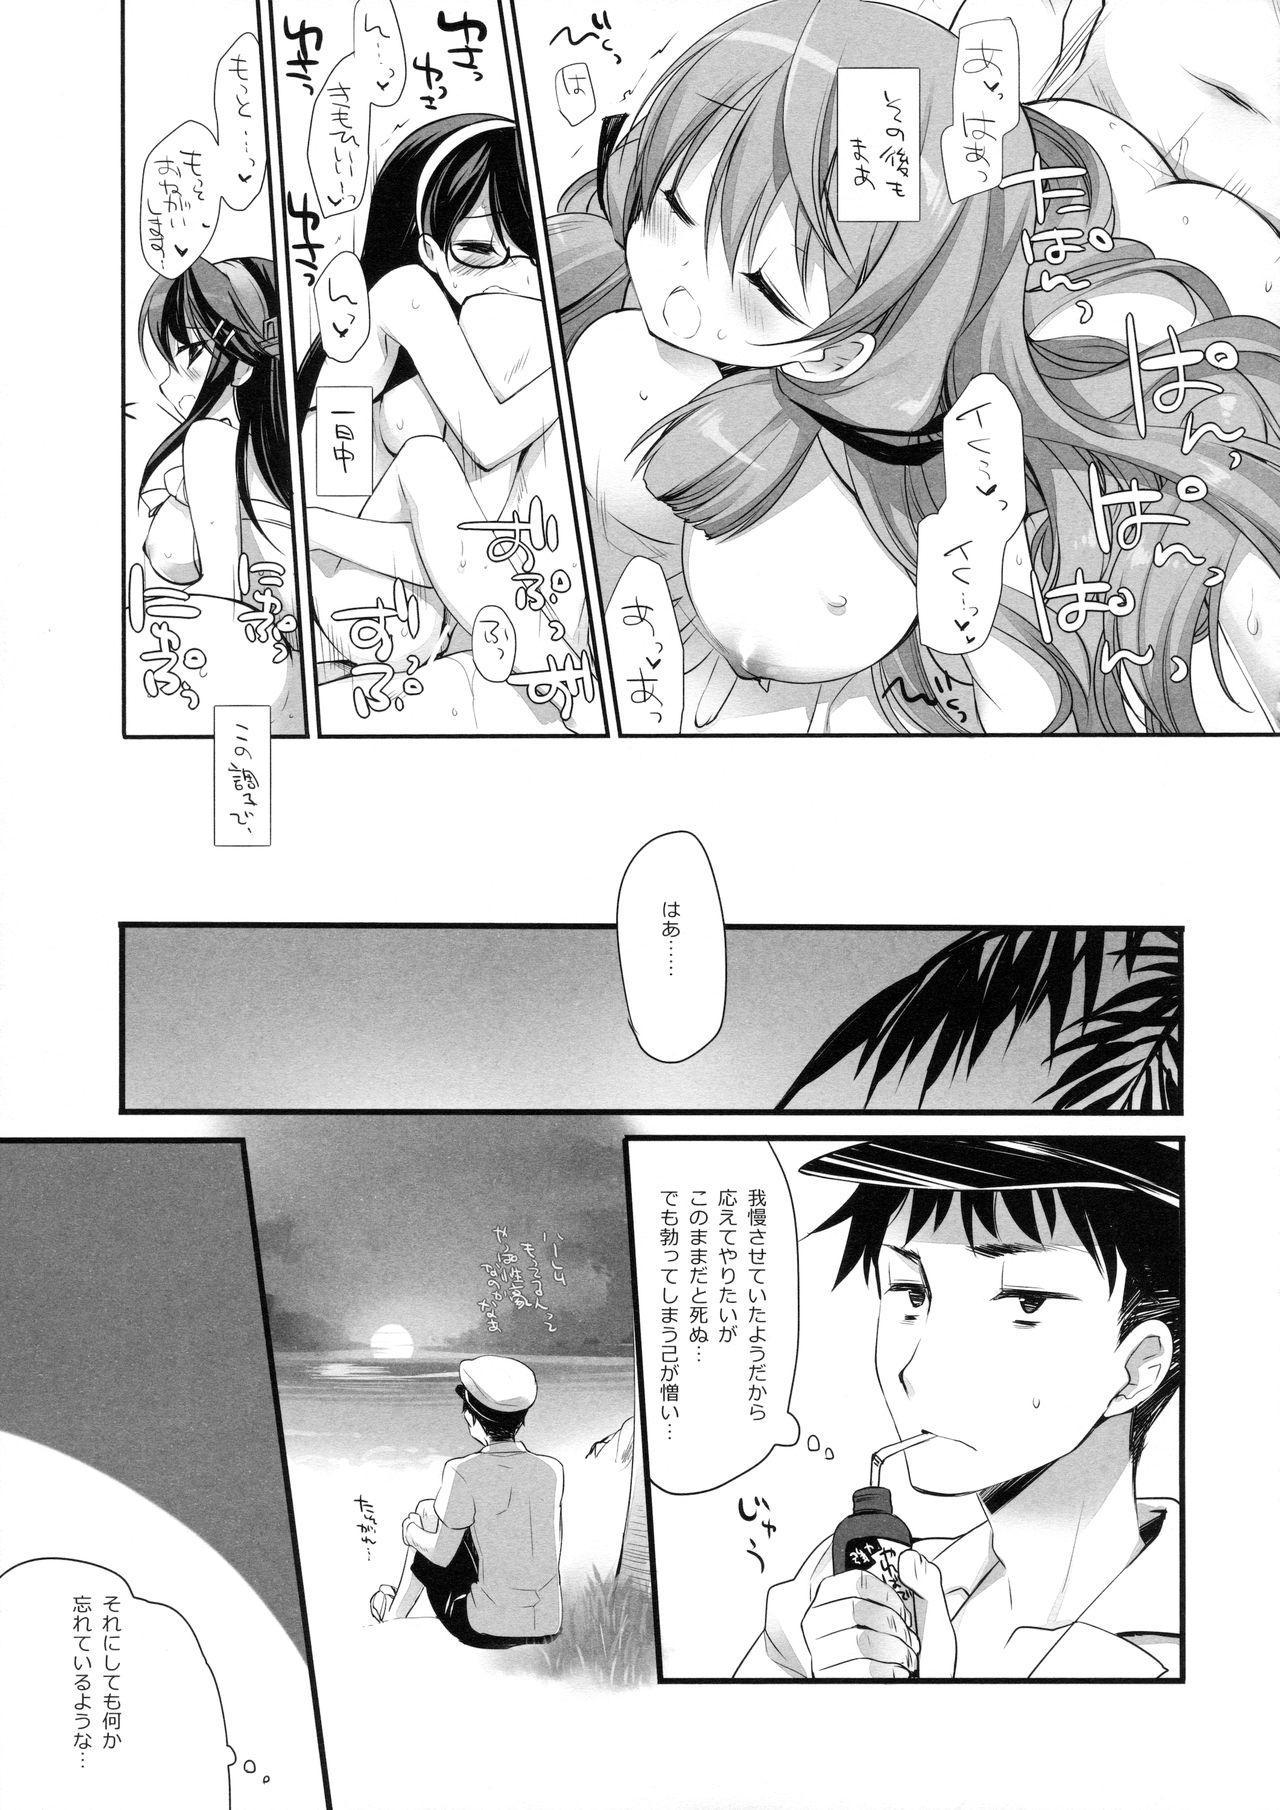 Yome Ippai Teitoku no Summer Honeymoon 17